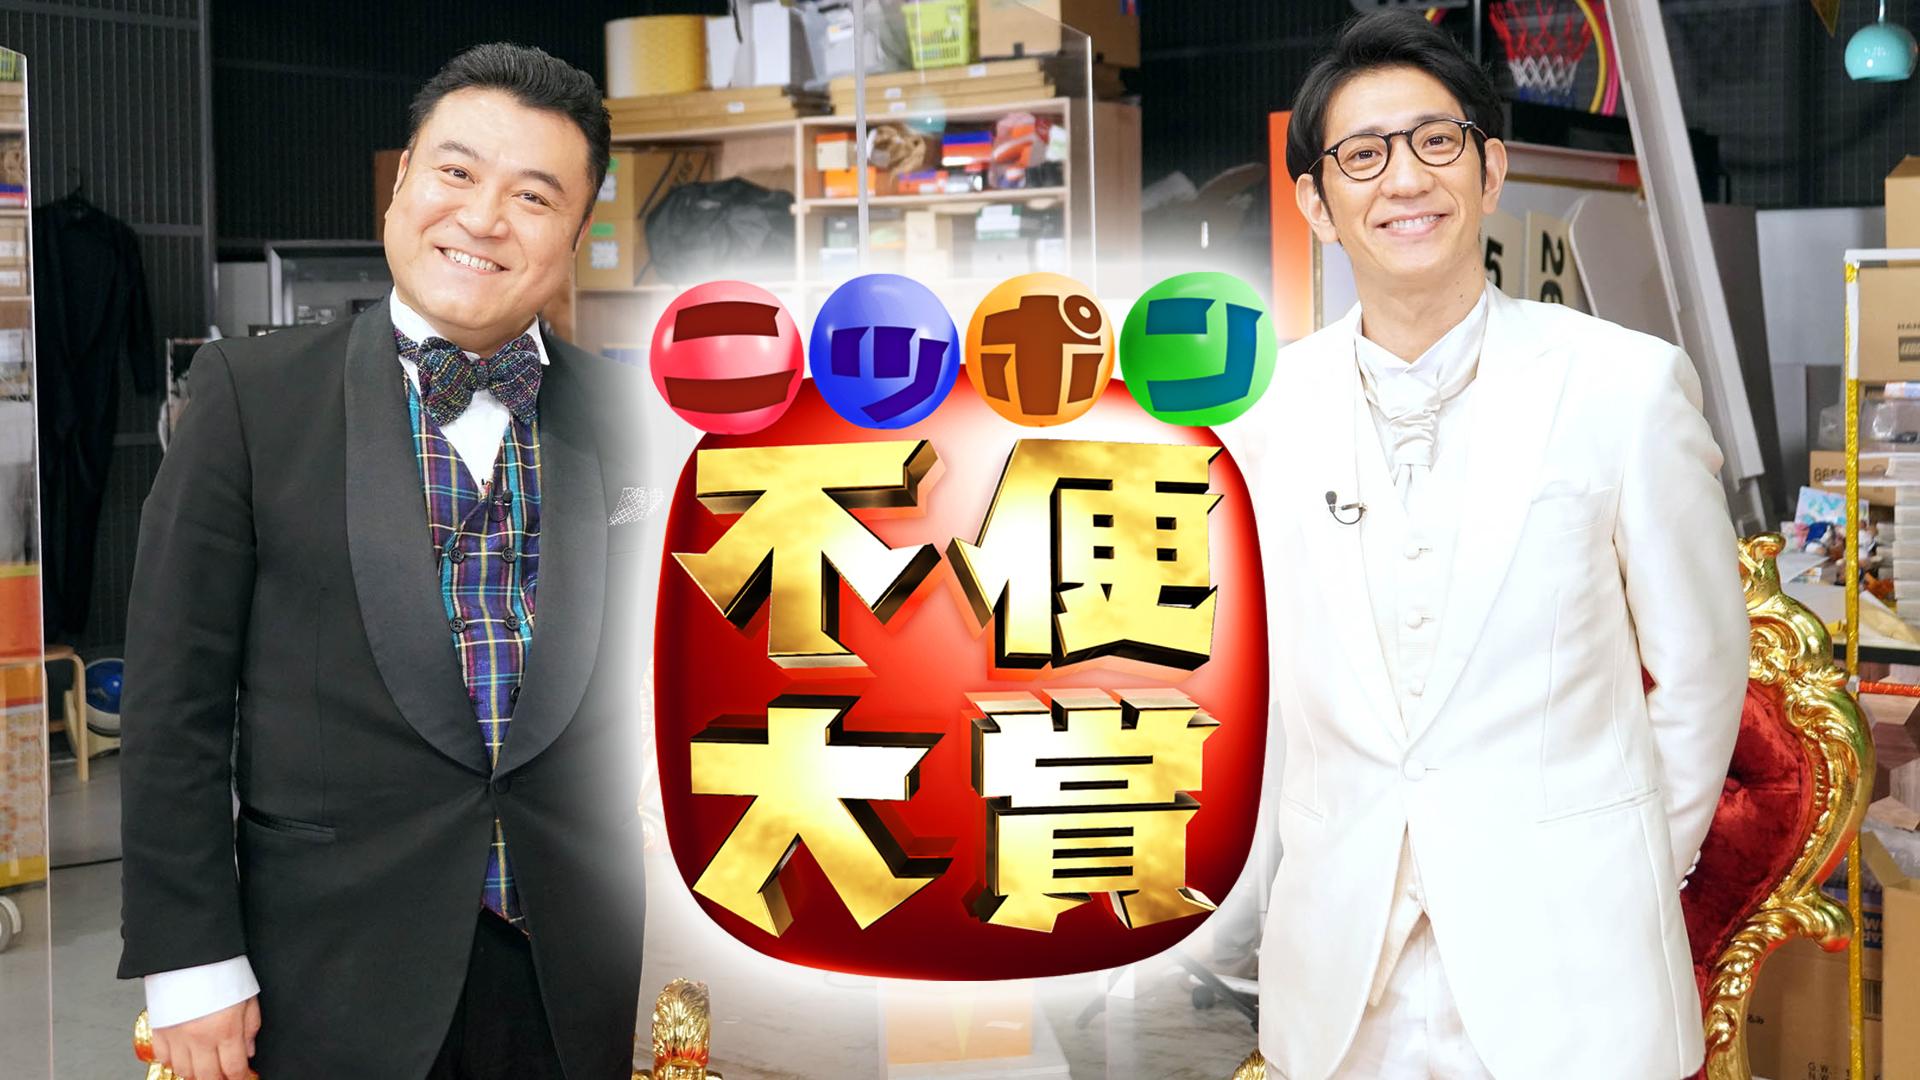 """無料テレビで「ニッポン不便大賞」あえて苦労を選ぶ""""日本一幸せな不便さん""""を大調査を視聴する"""